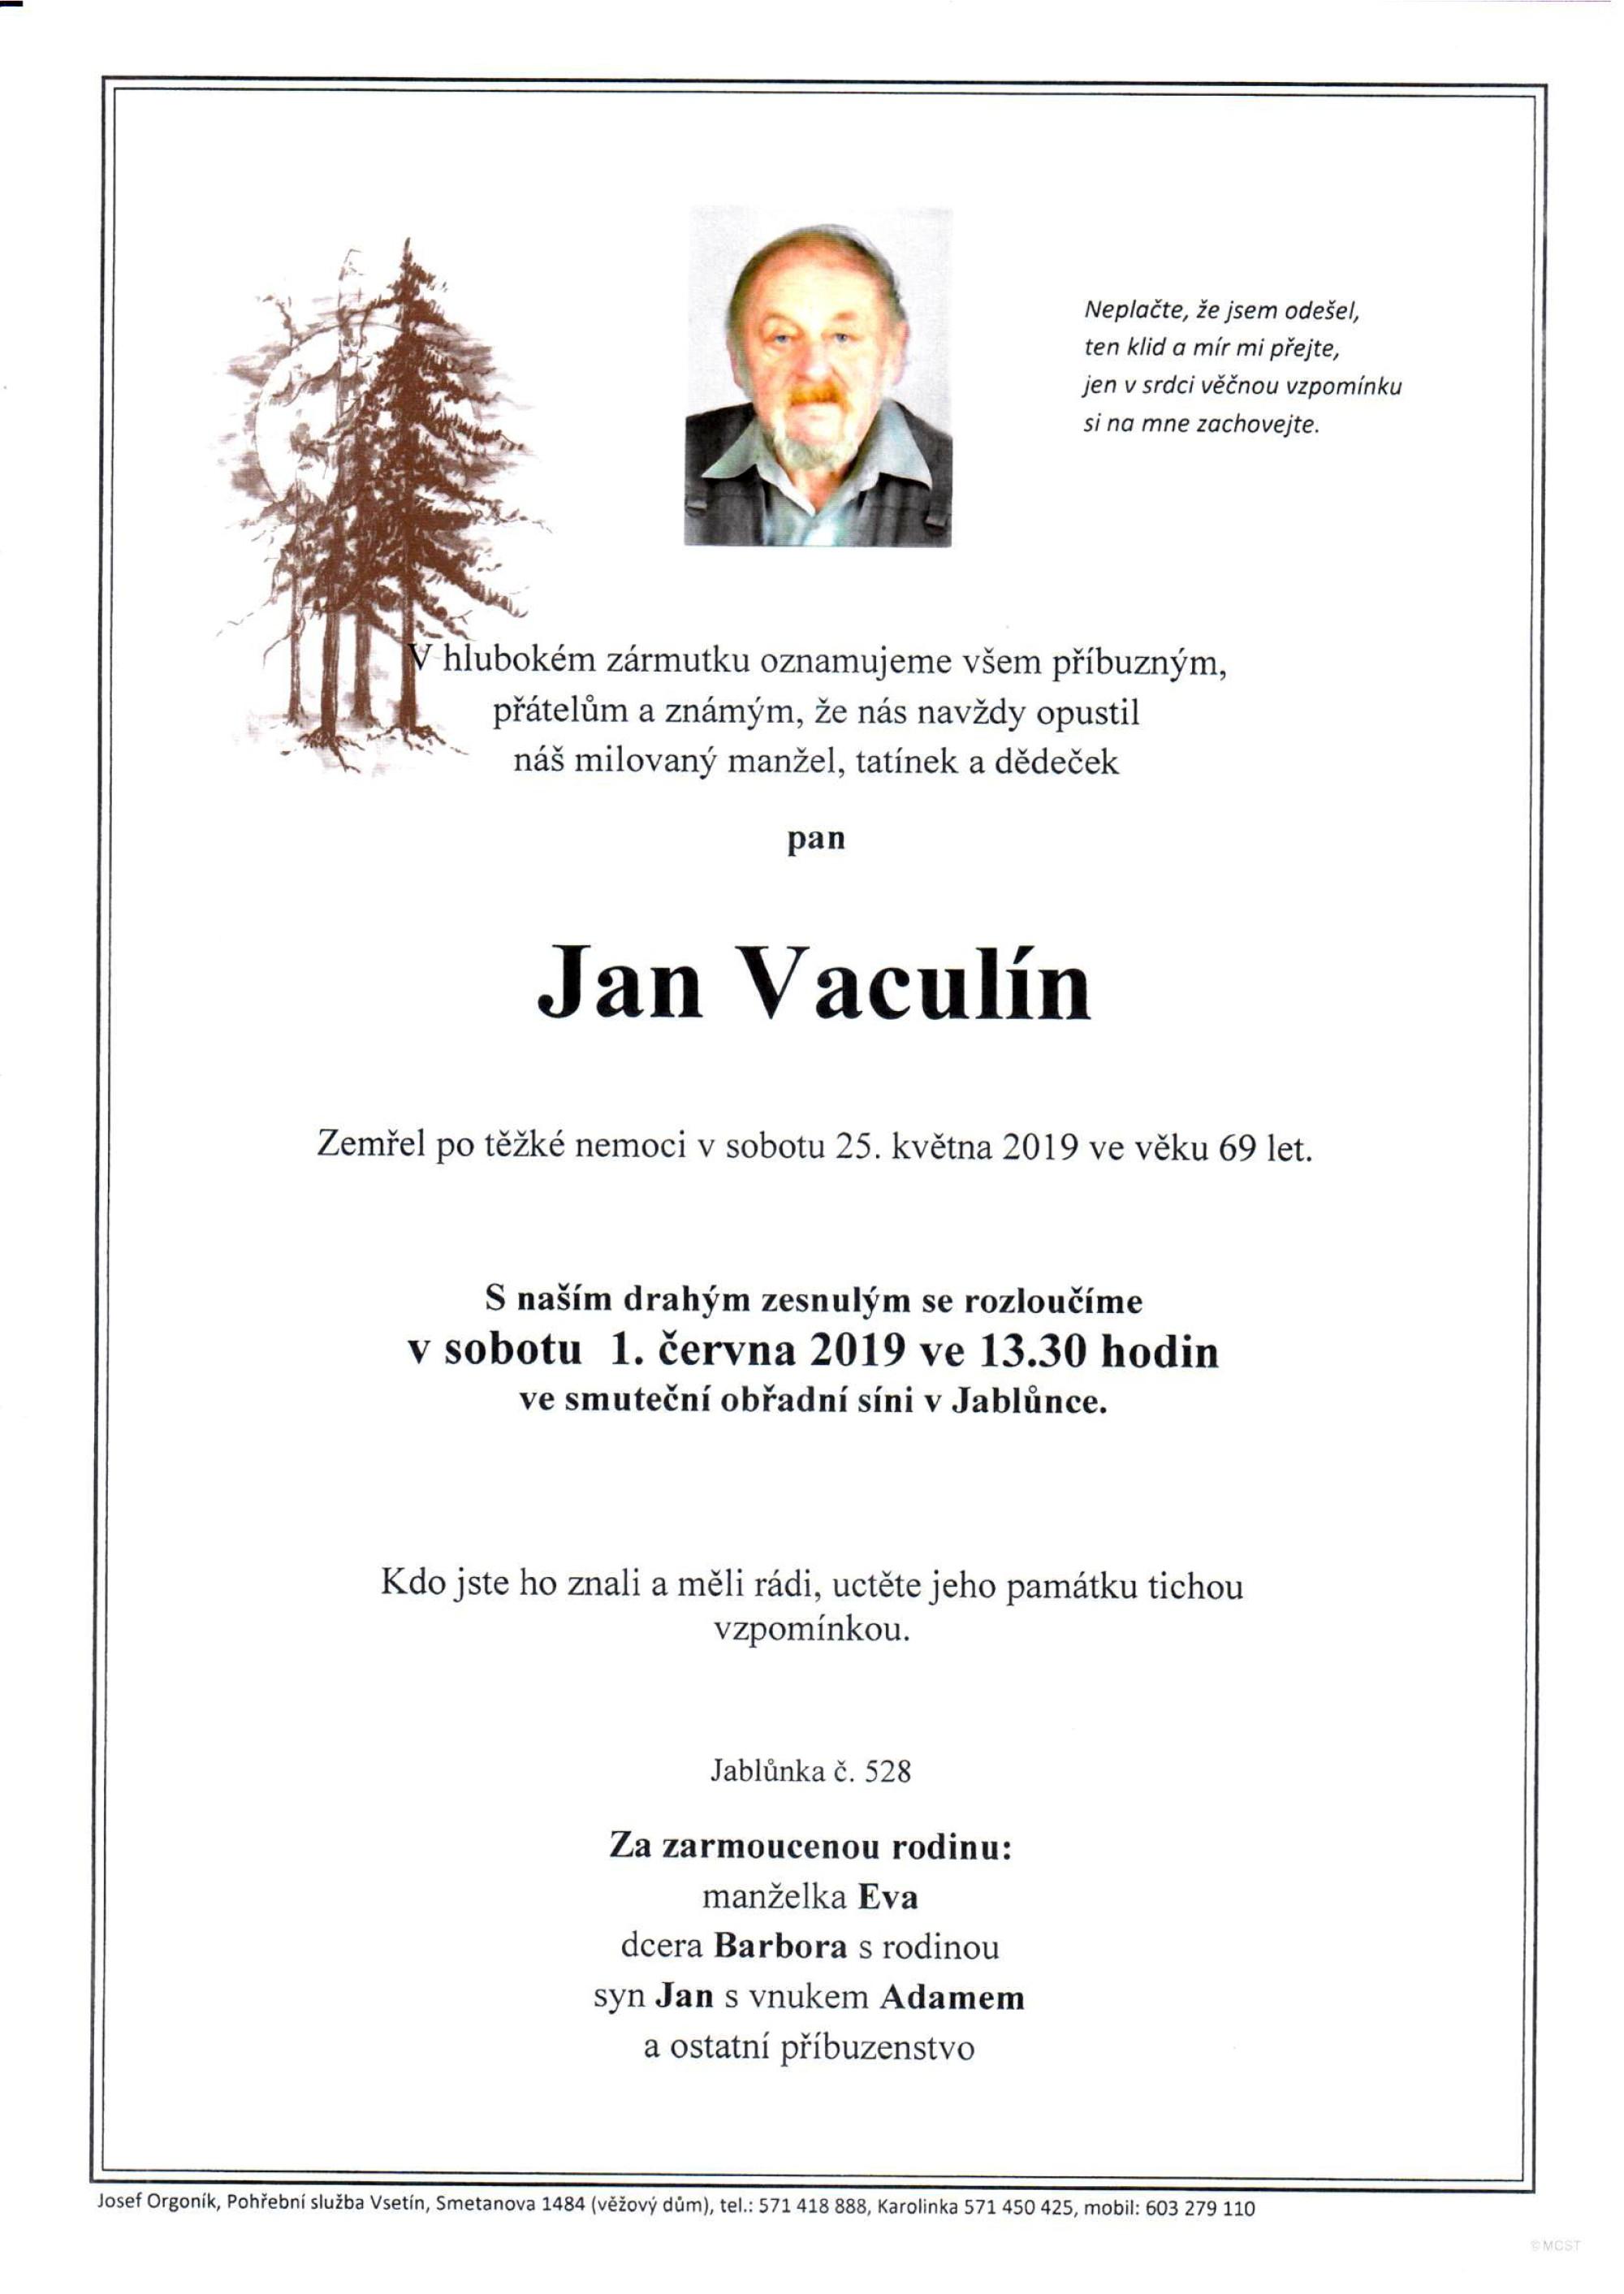 Jan Vaculín